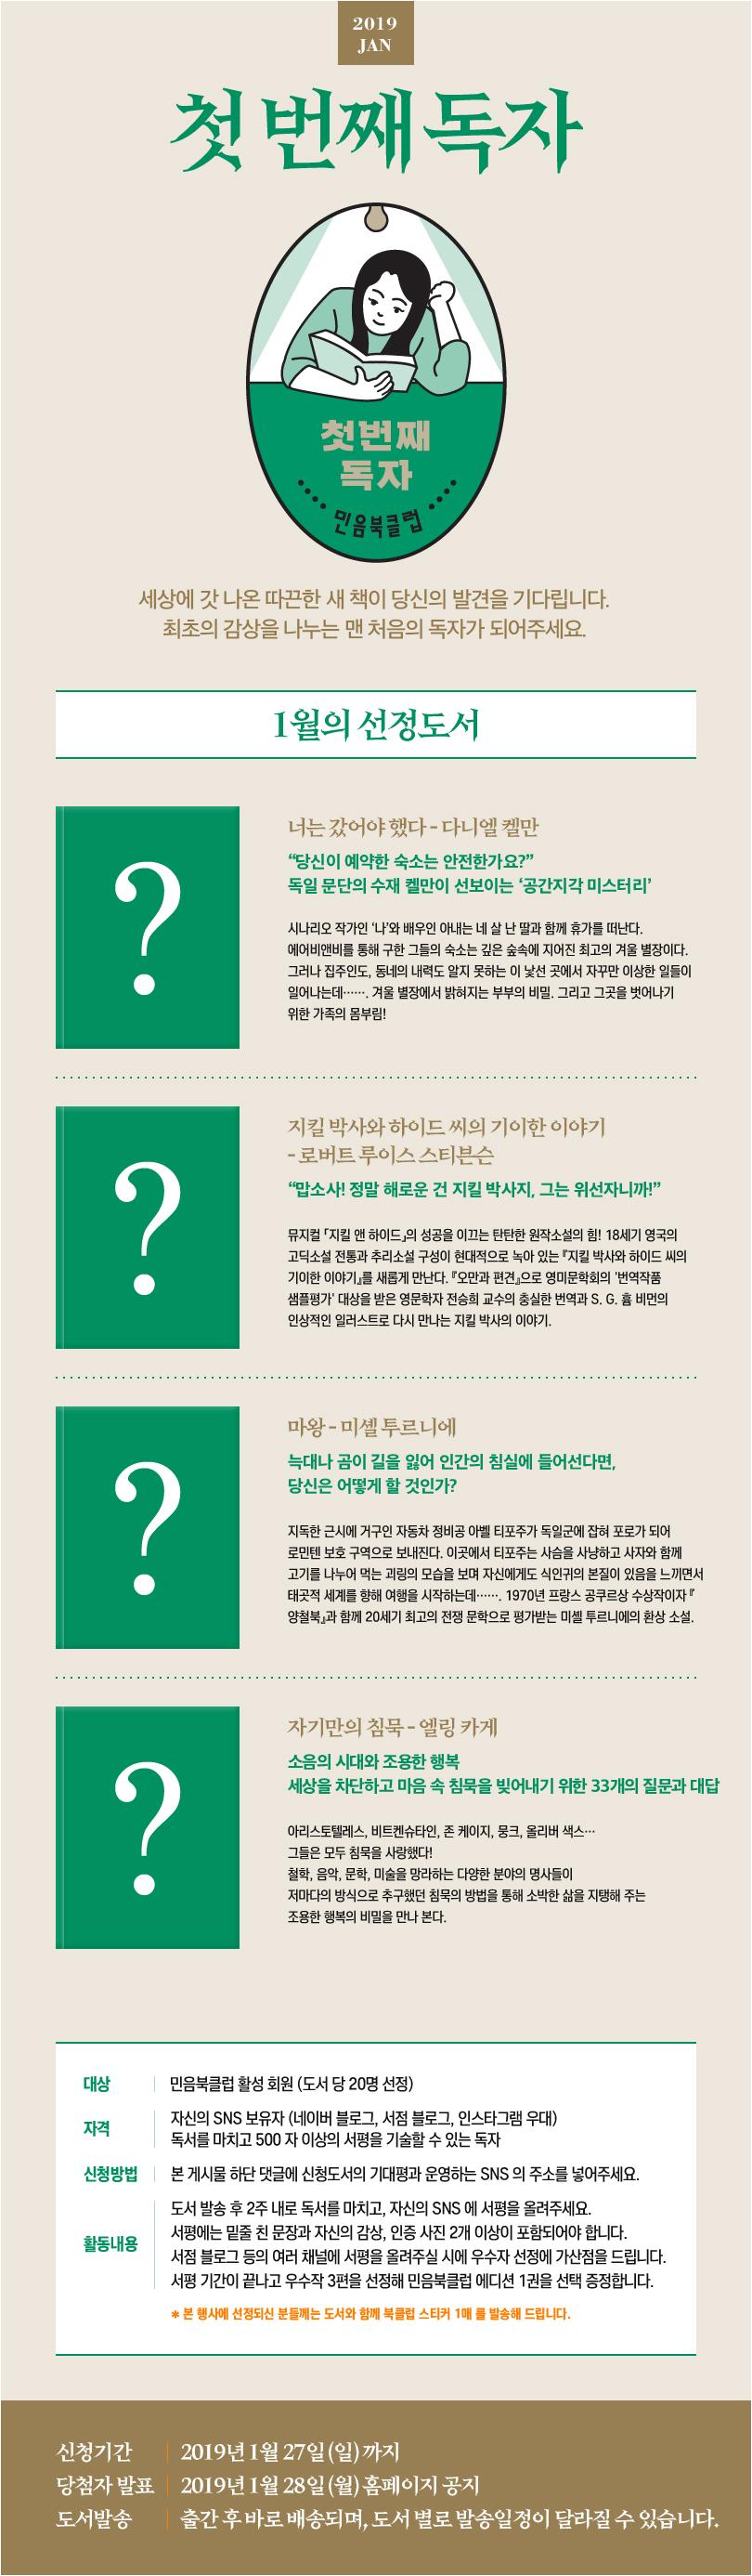 810_민음북클럽_첫번째독자 (2)